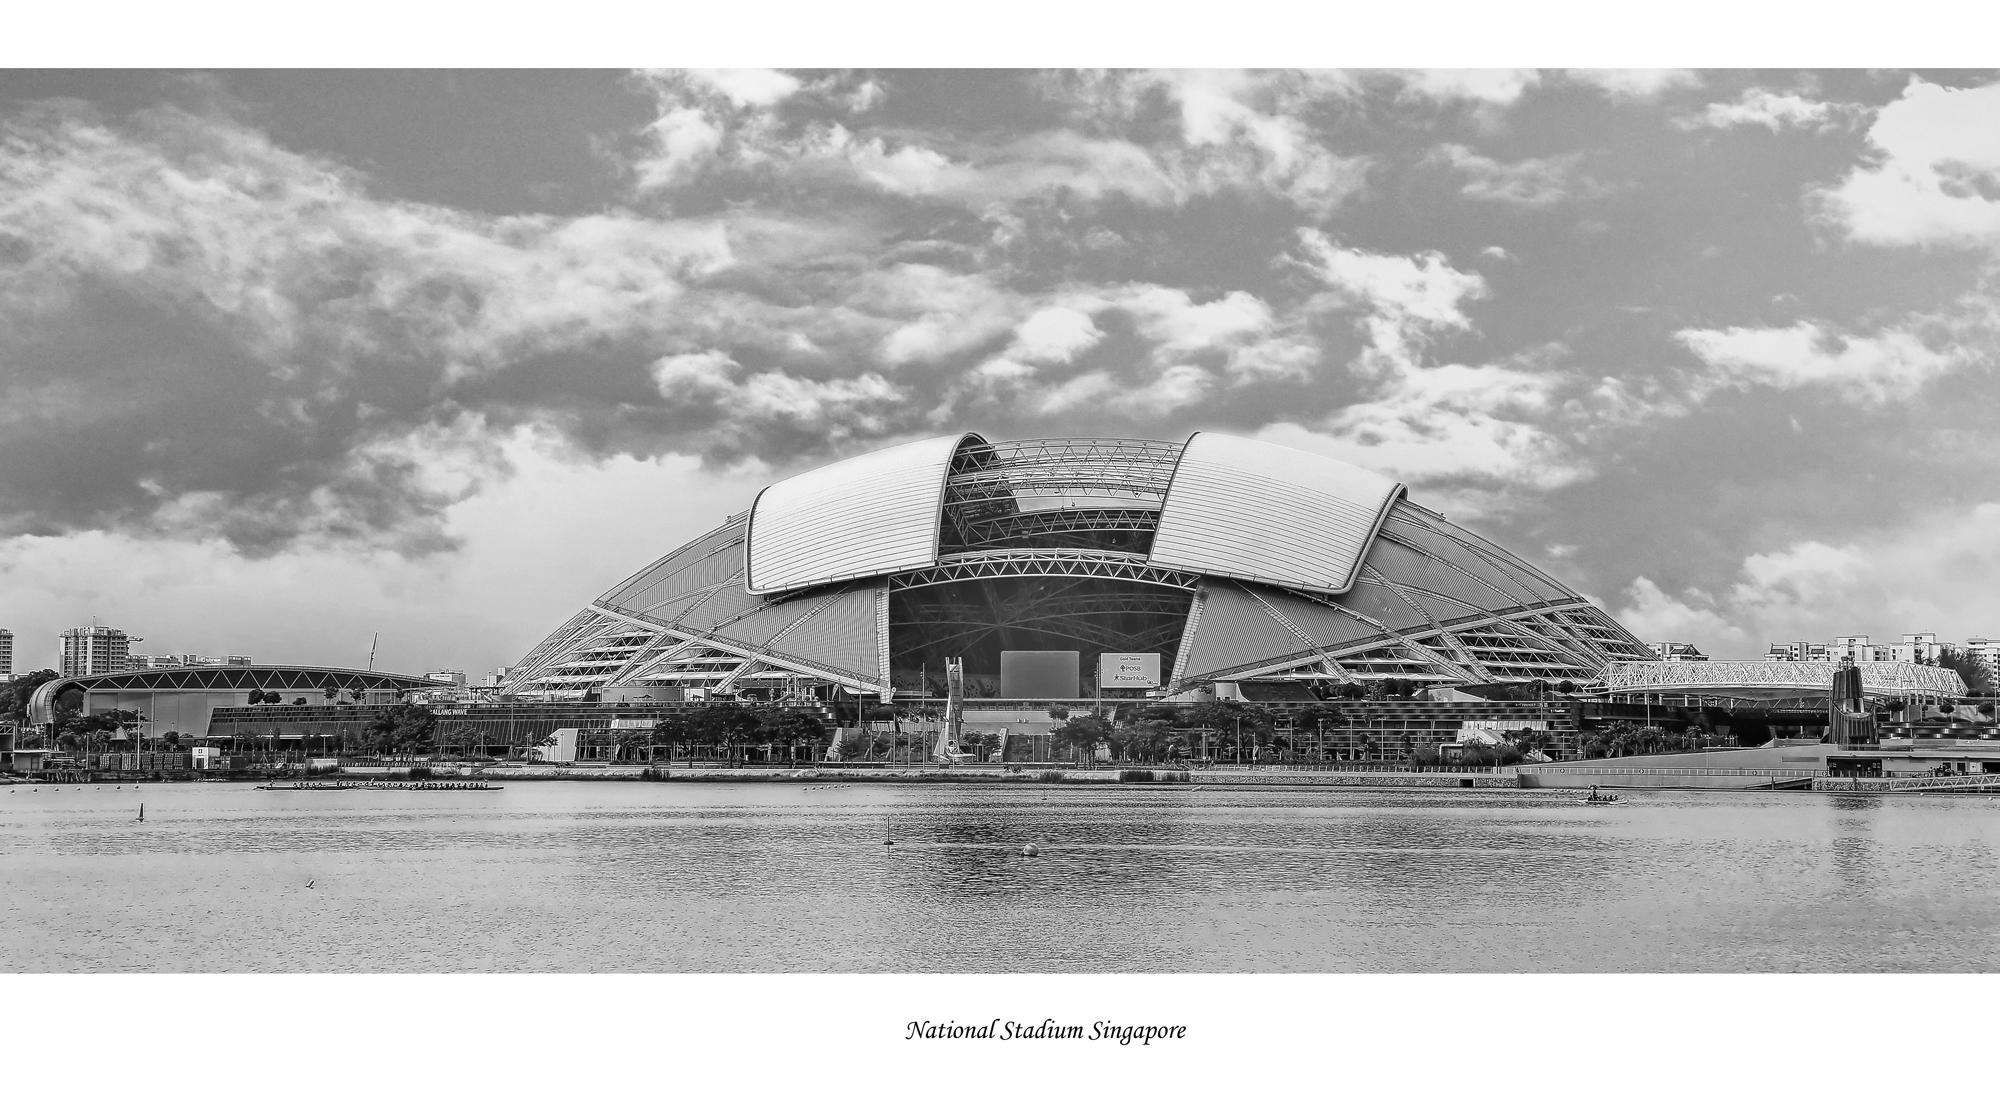 National Stadium Singapore, Architecture Photography